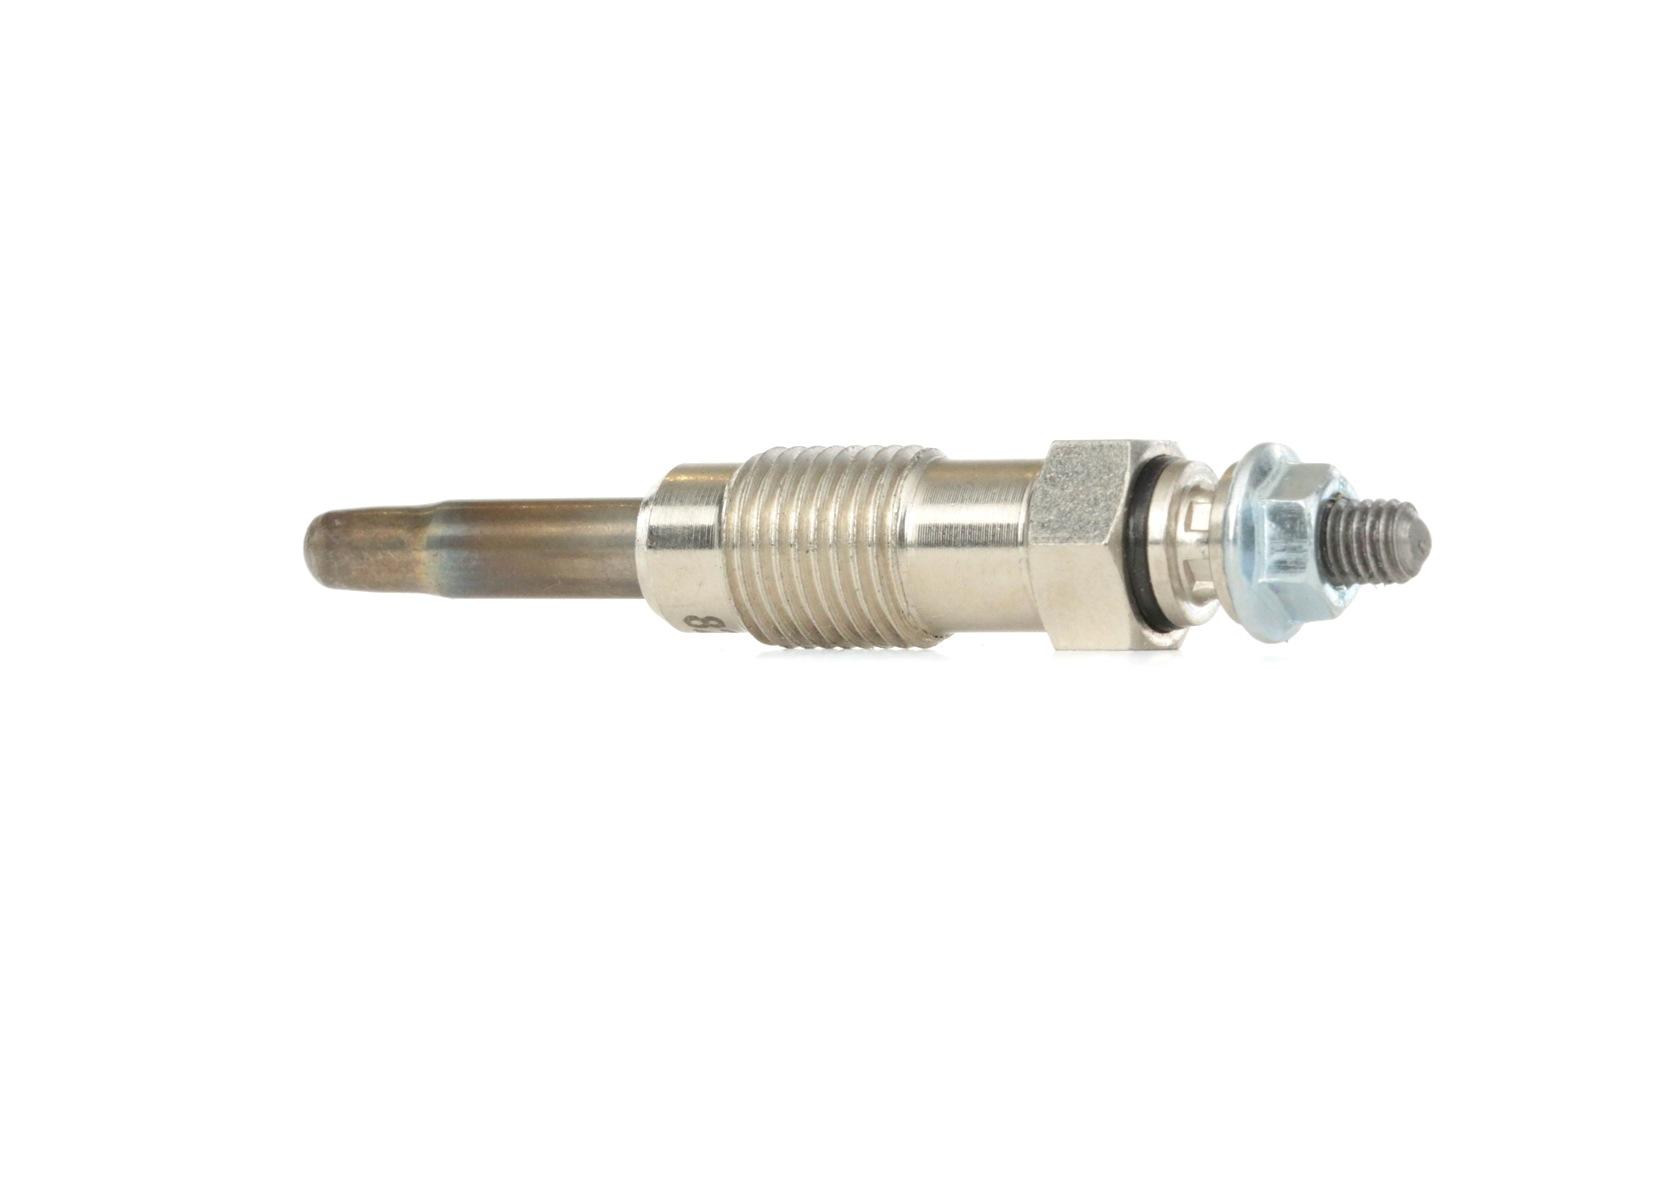 Achetez Bougie de préchauffage STARK SKGP-1890002 (Longueur coque: 72mm, Filetage: M12x1,25) à un rapport qualité-prix exceptionnel